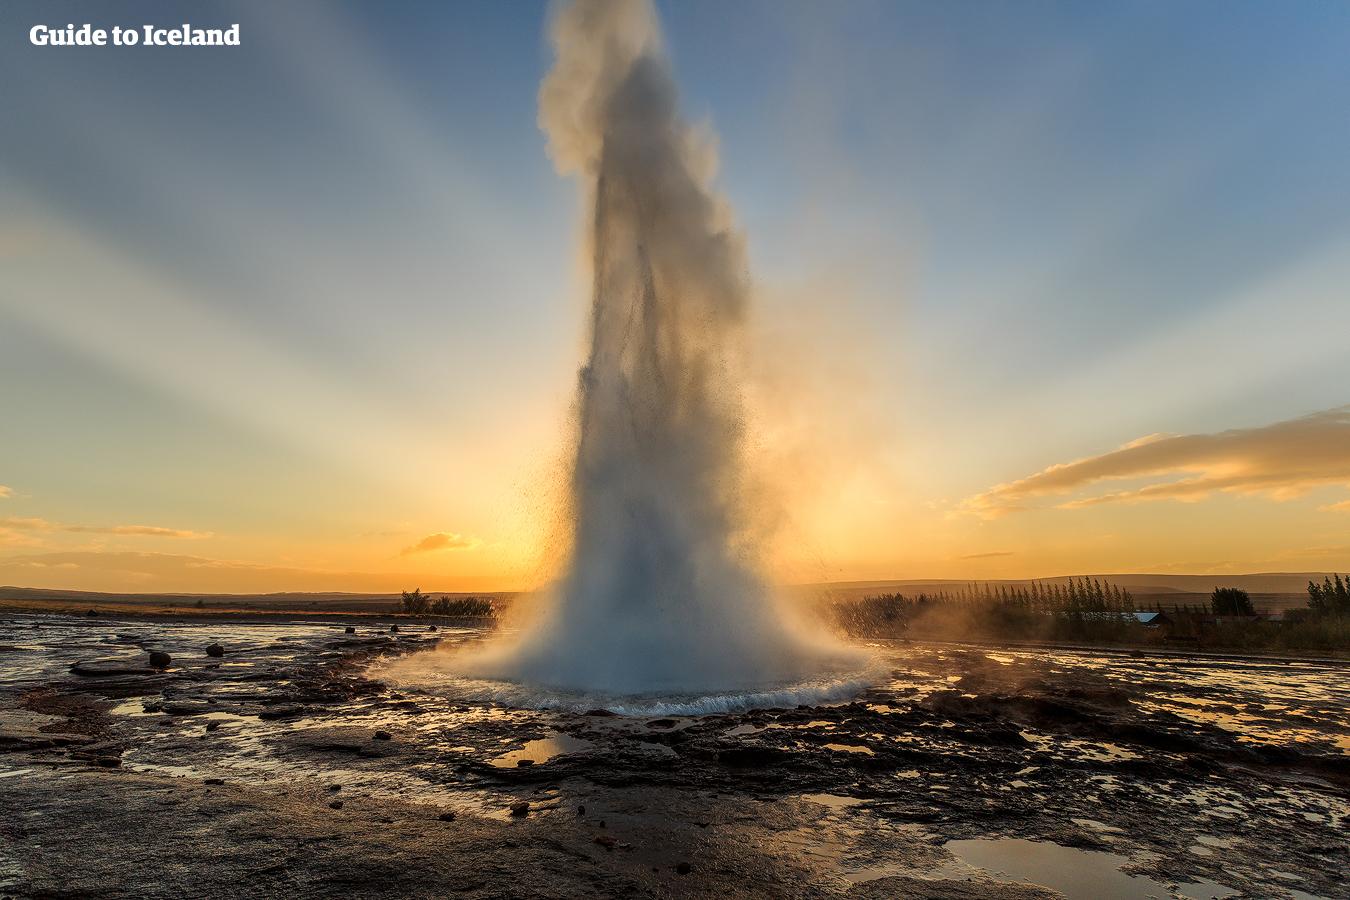 Die Mitternachtssonne macht im Sommer in Island die Nacht zum Tag und so kannst du auf einer Mietwagen-Rundreise den Golden Circle am Abend besuchen.